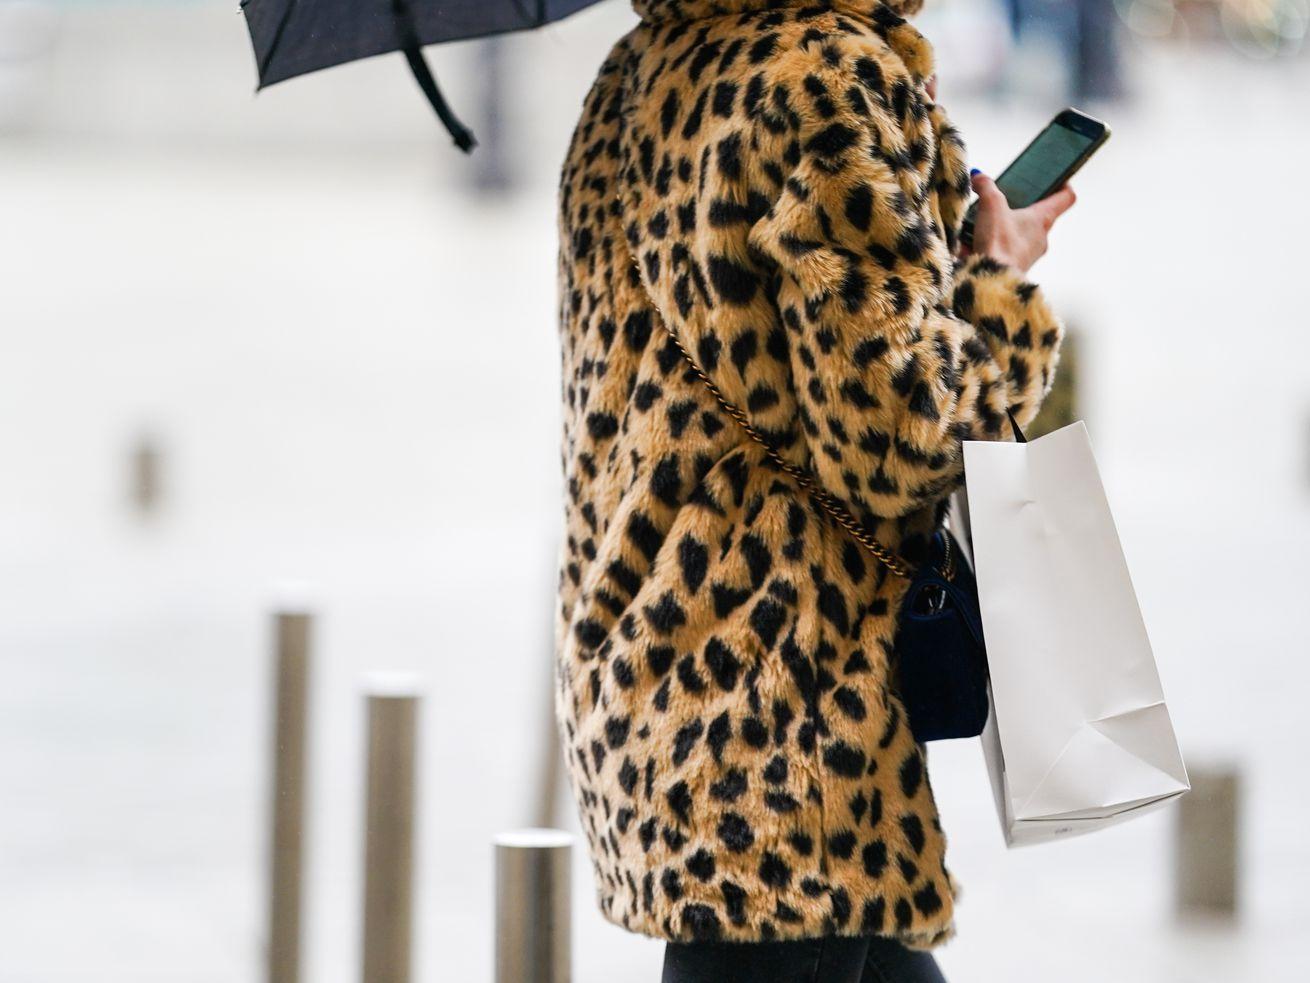 Une femme dans les rues de Paris porte un manteau en fausse fourrure à imprimé léopard.